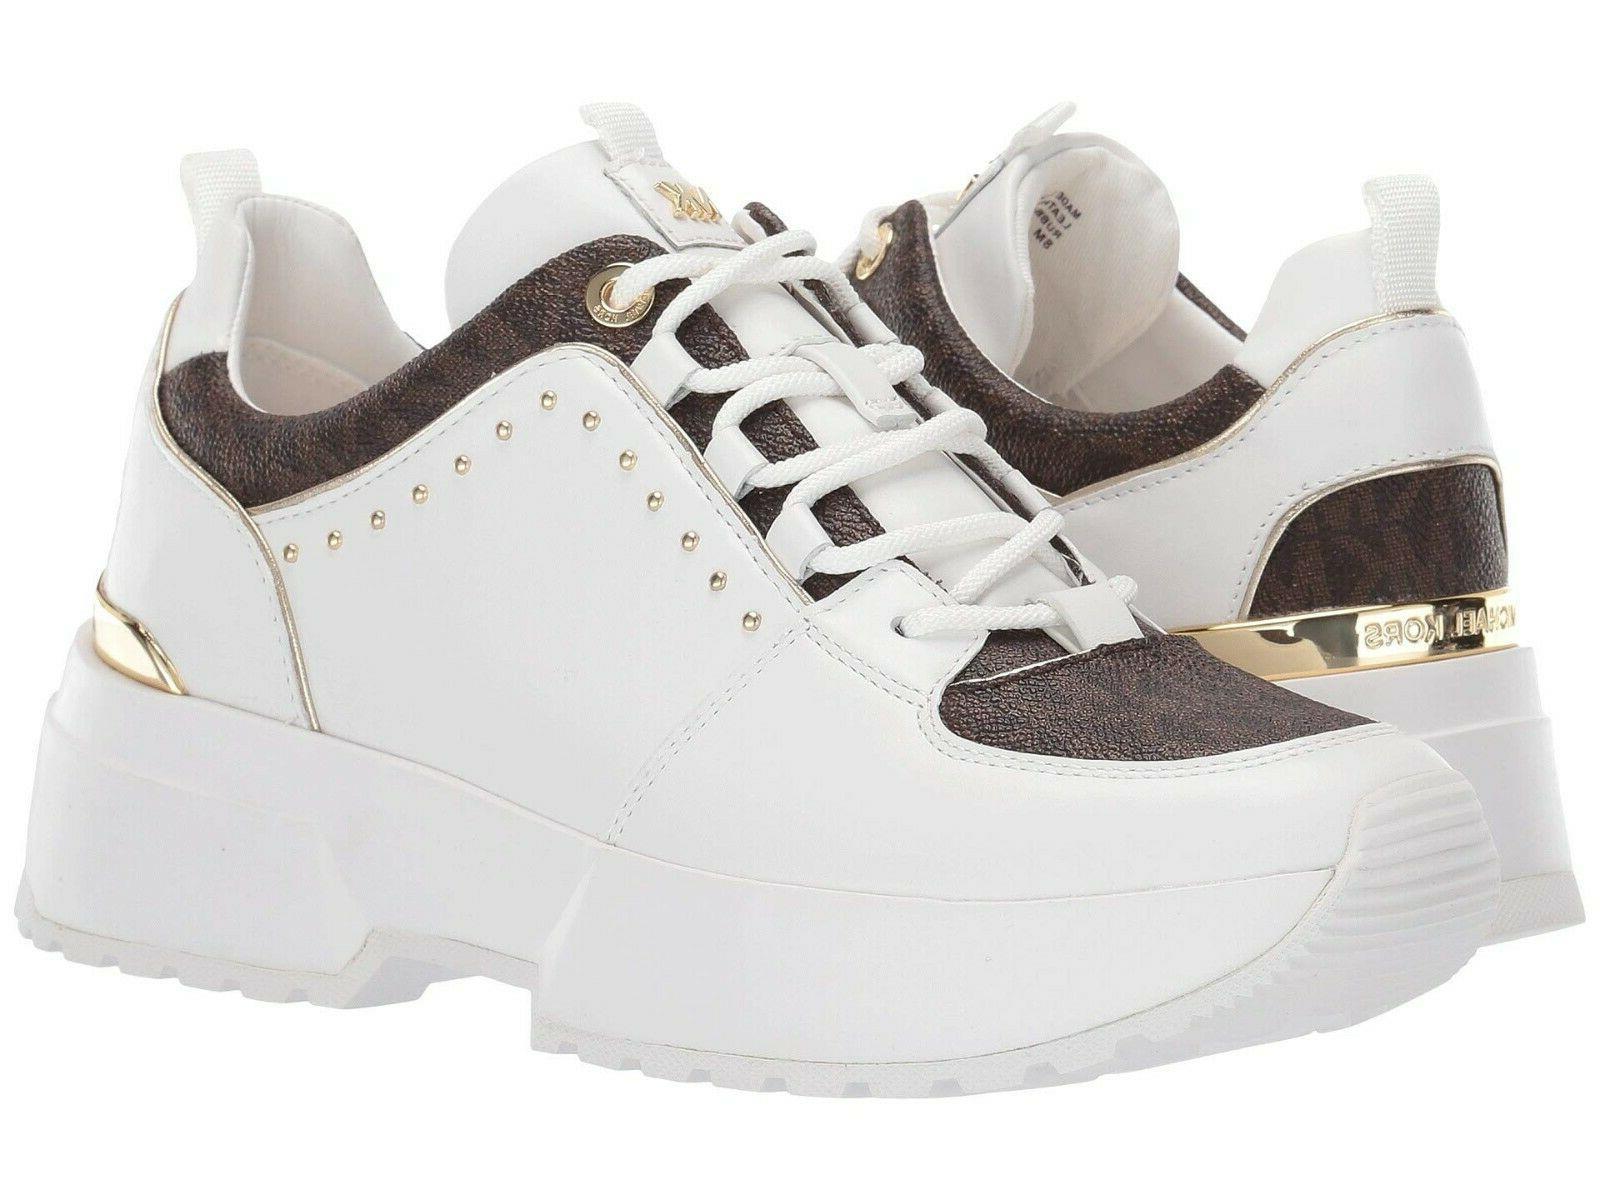 MICHAEL Michael Kors Cosmo Trainer Wedge Sneakers Women's Ca